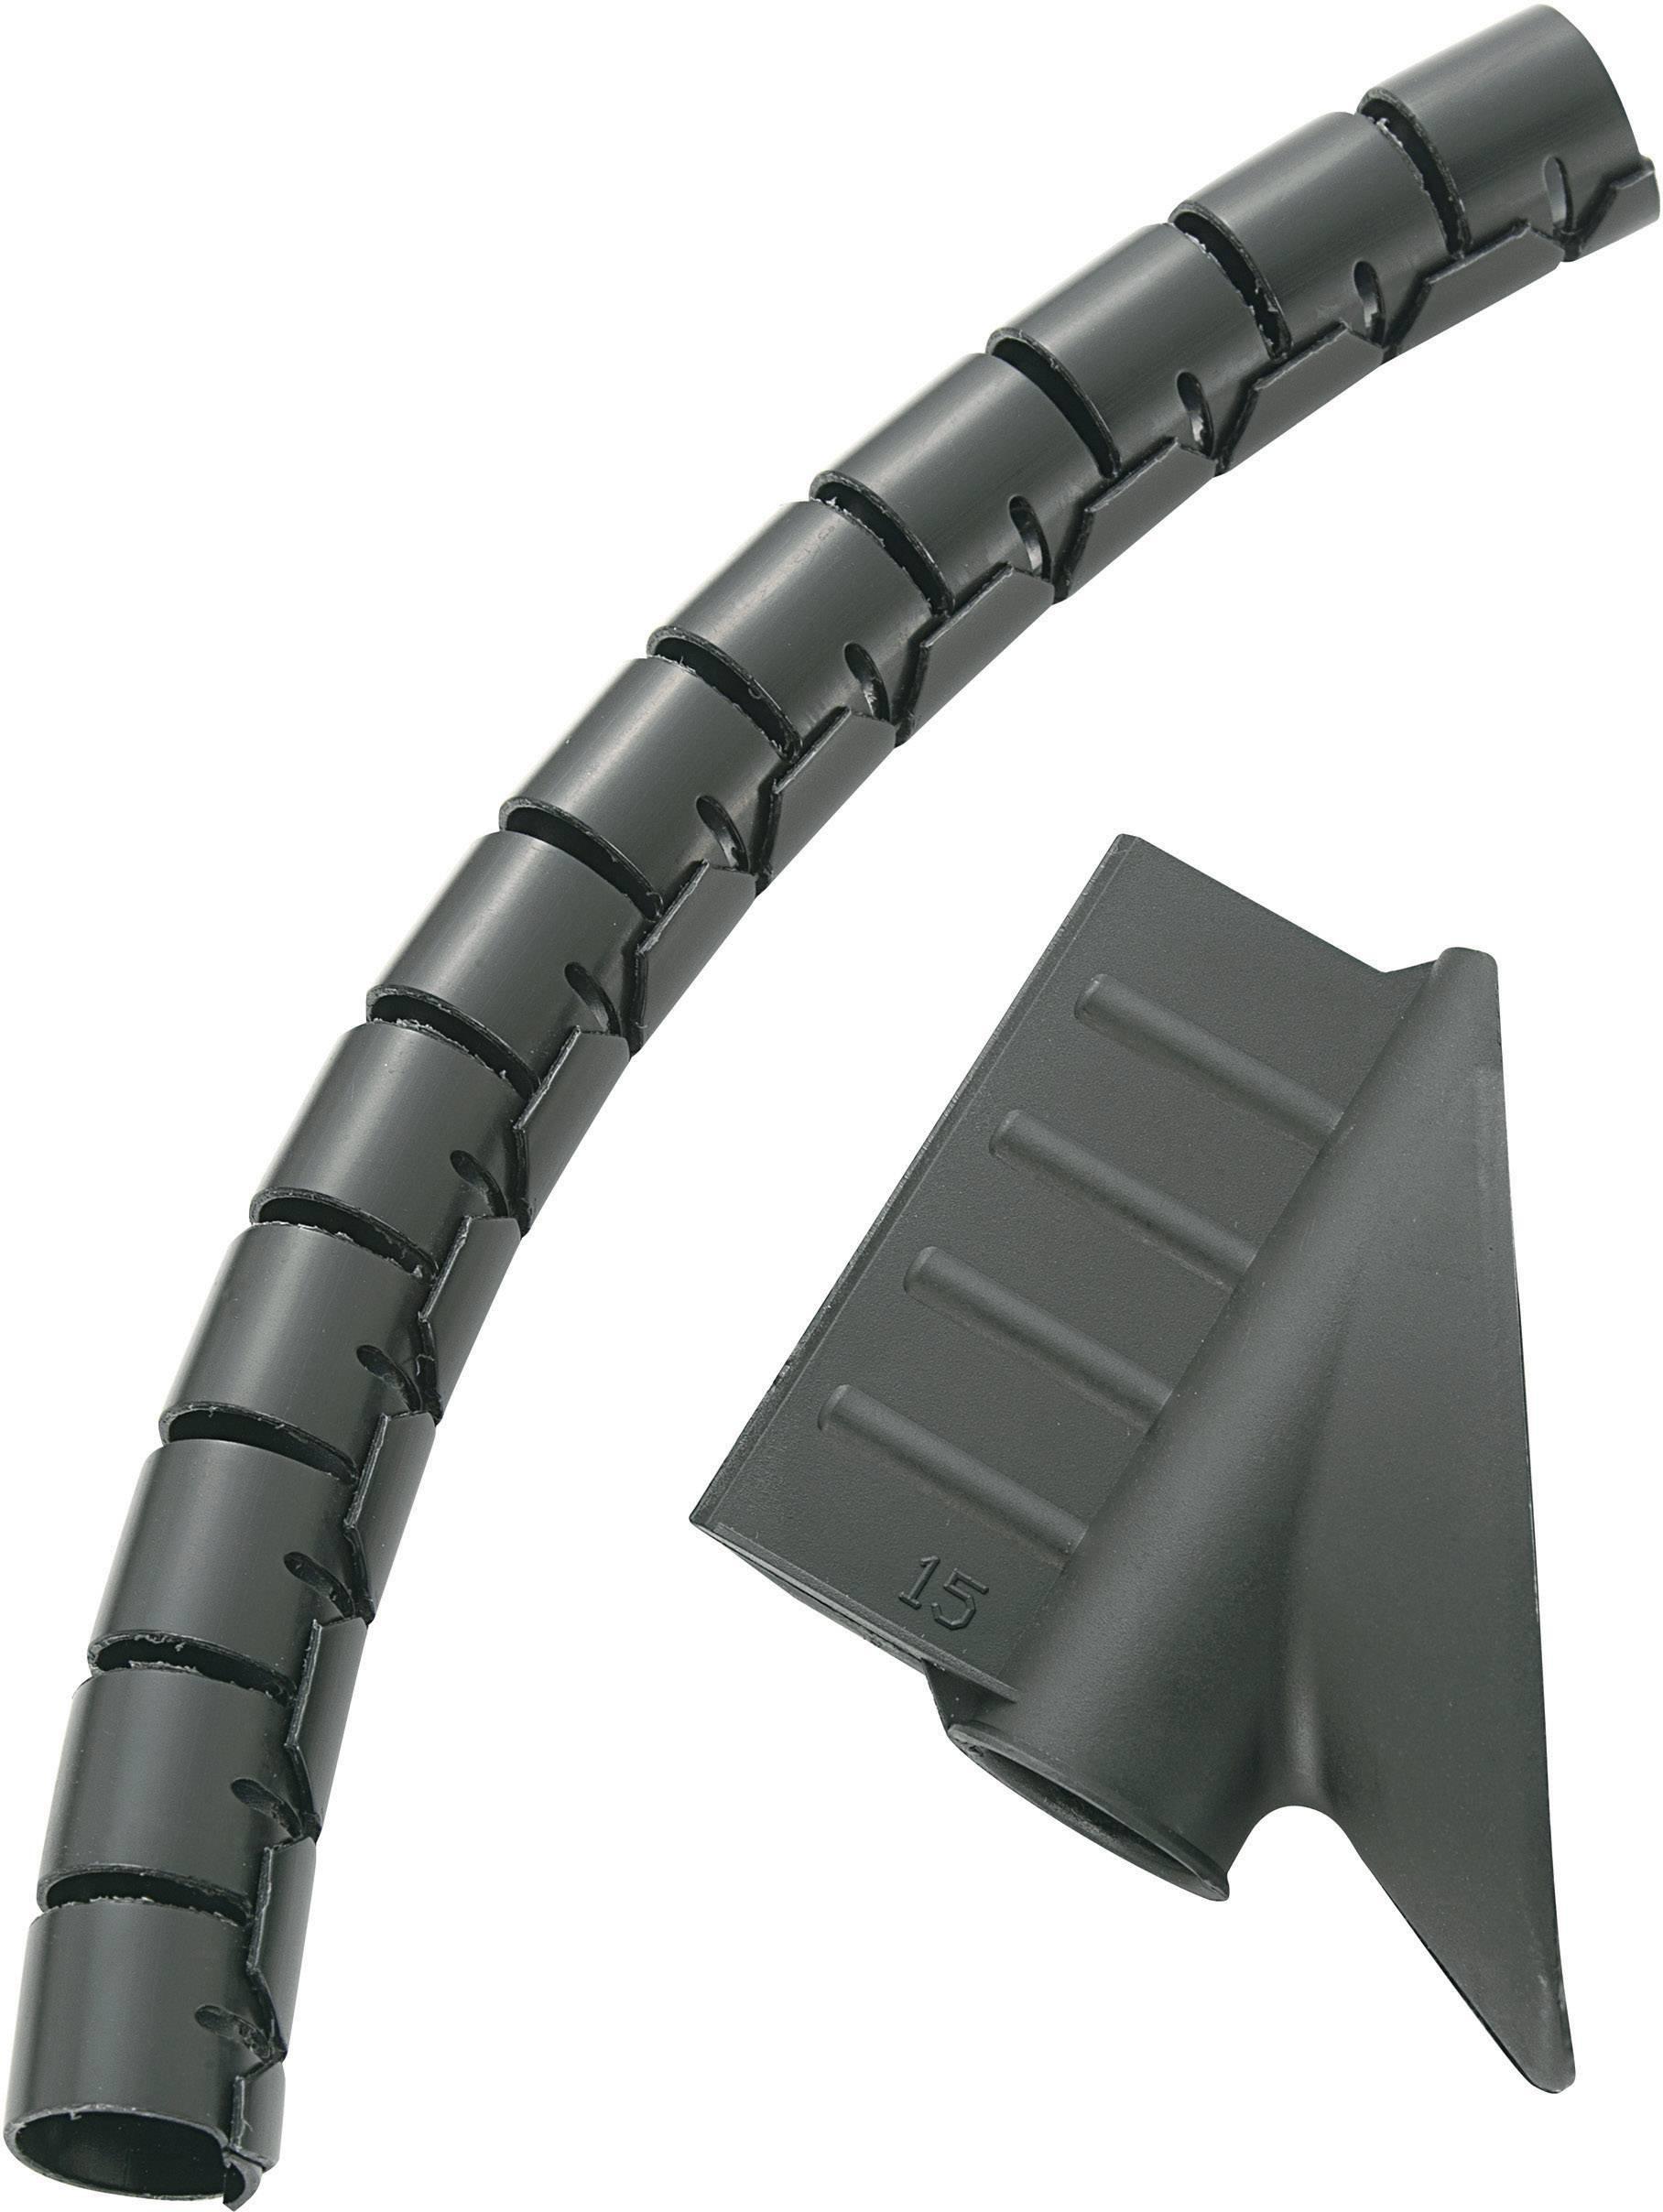 Káblový oplet KSS MX-KLT25BK 545386, čierna, 5 m